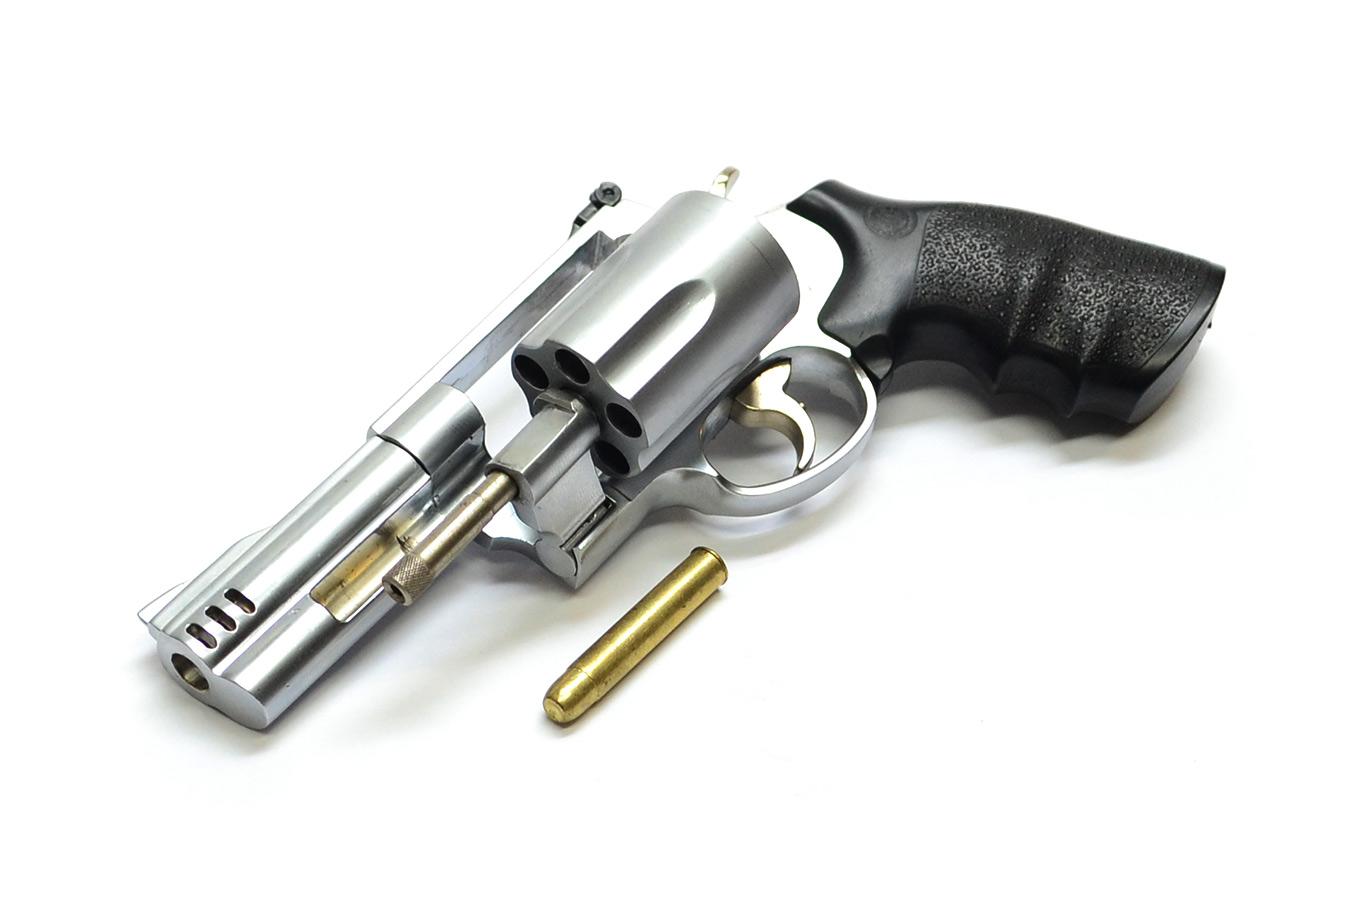 Макет револьвера Smith & Wesson Model 500 магнум со стволом длиной 102 мм в масштабе 1:2